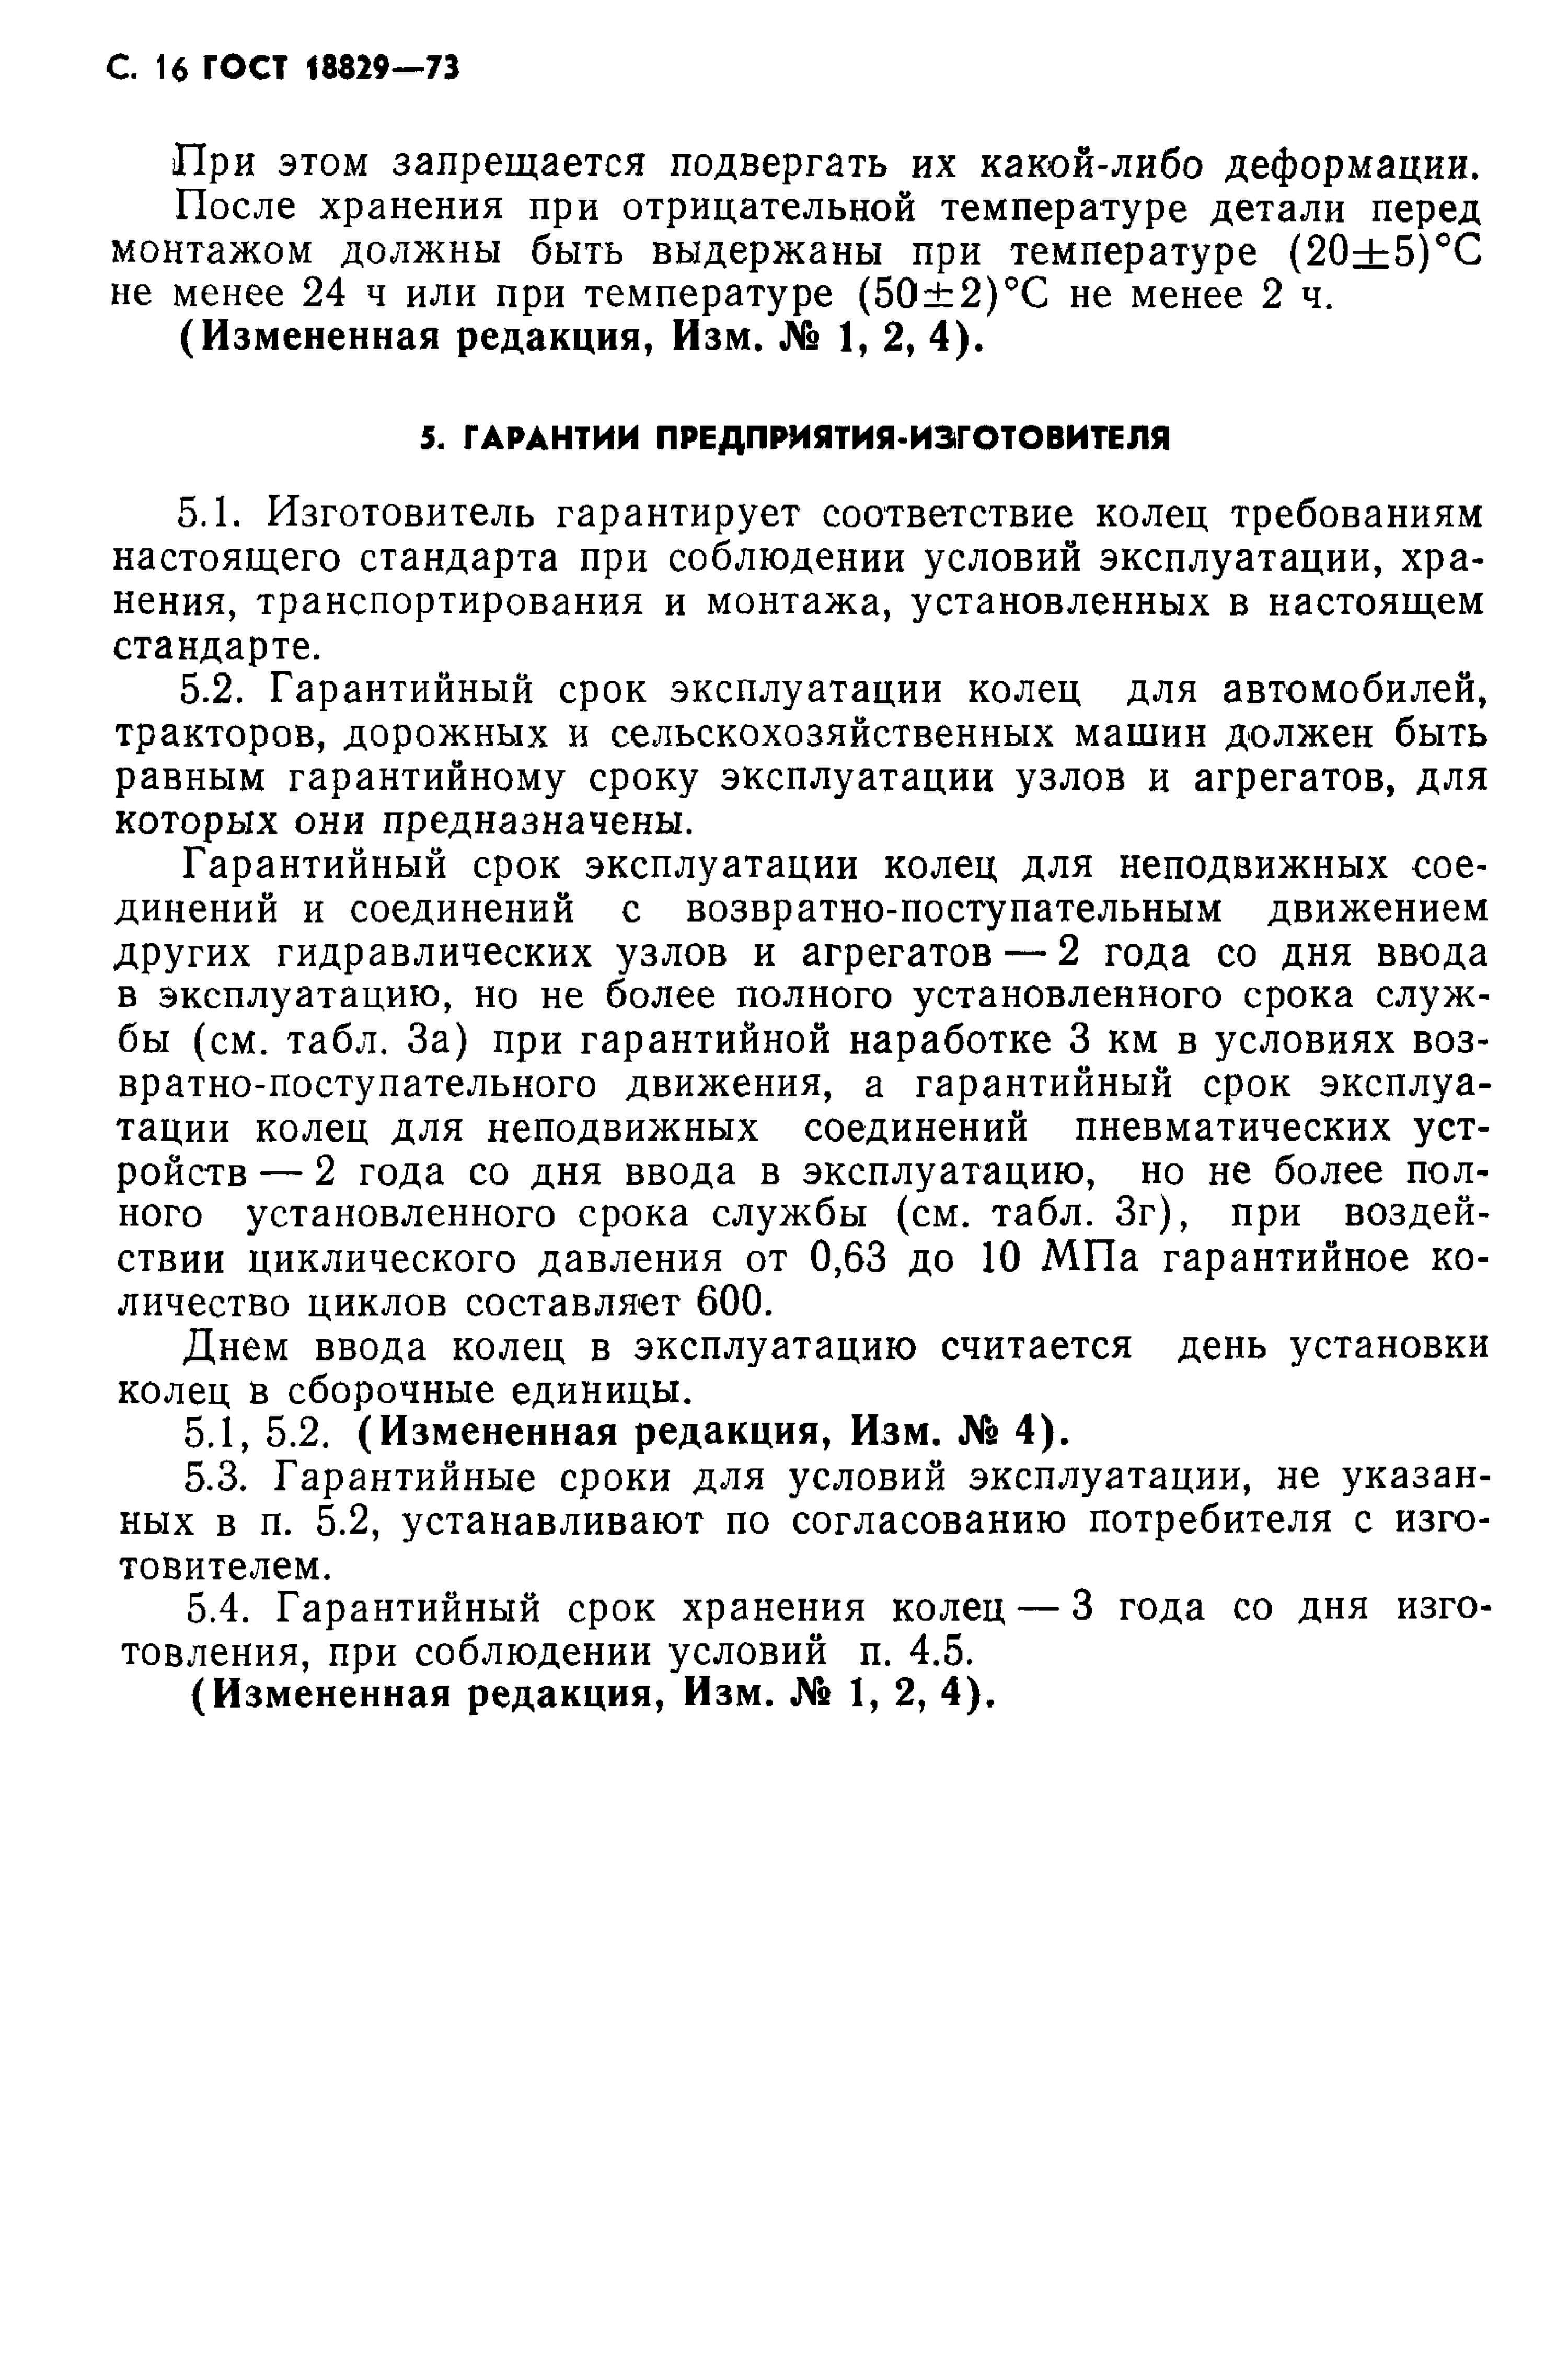 GOST_18829-73__17_.jpg